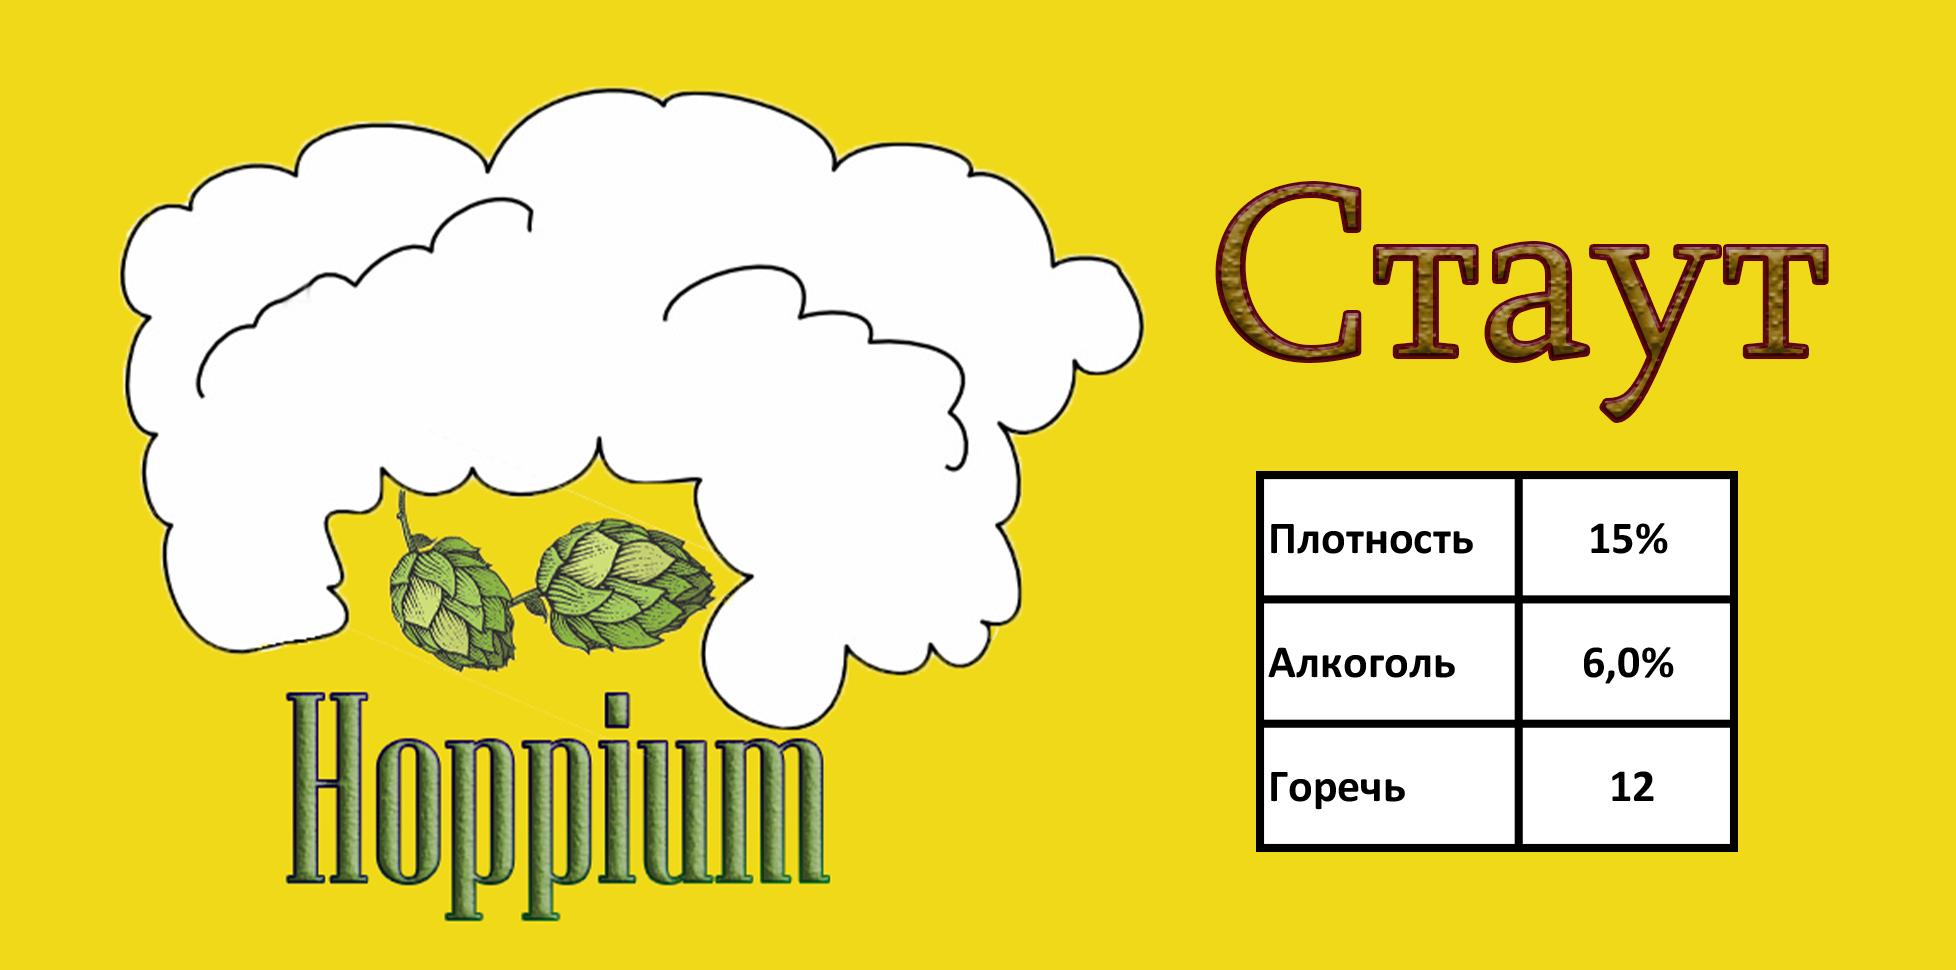 Логотип + Ценники для подмосковной крафтовой пивоварни фото f_8065dbd8834287cb.png